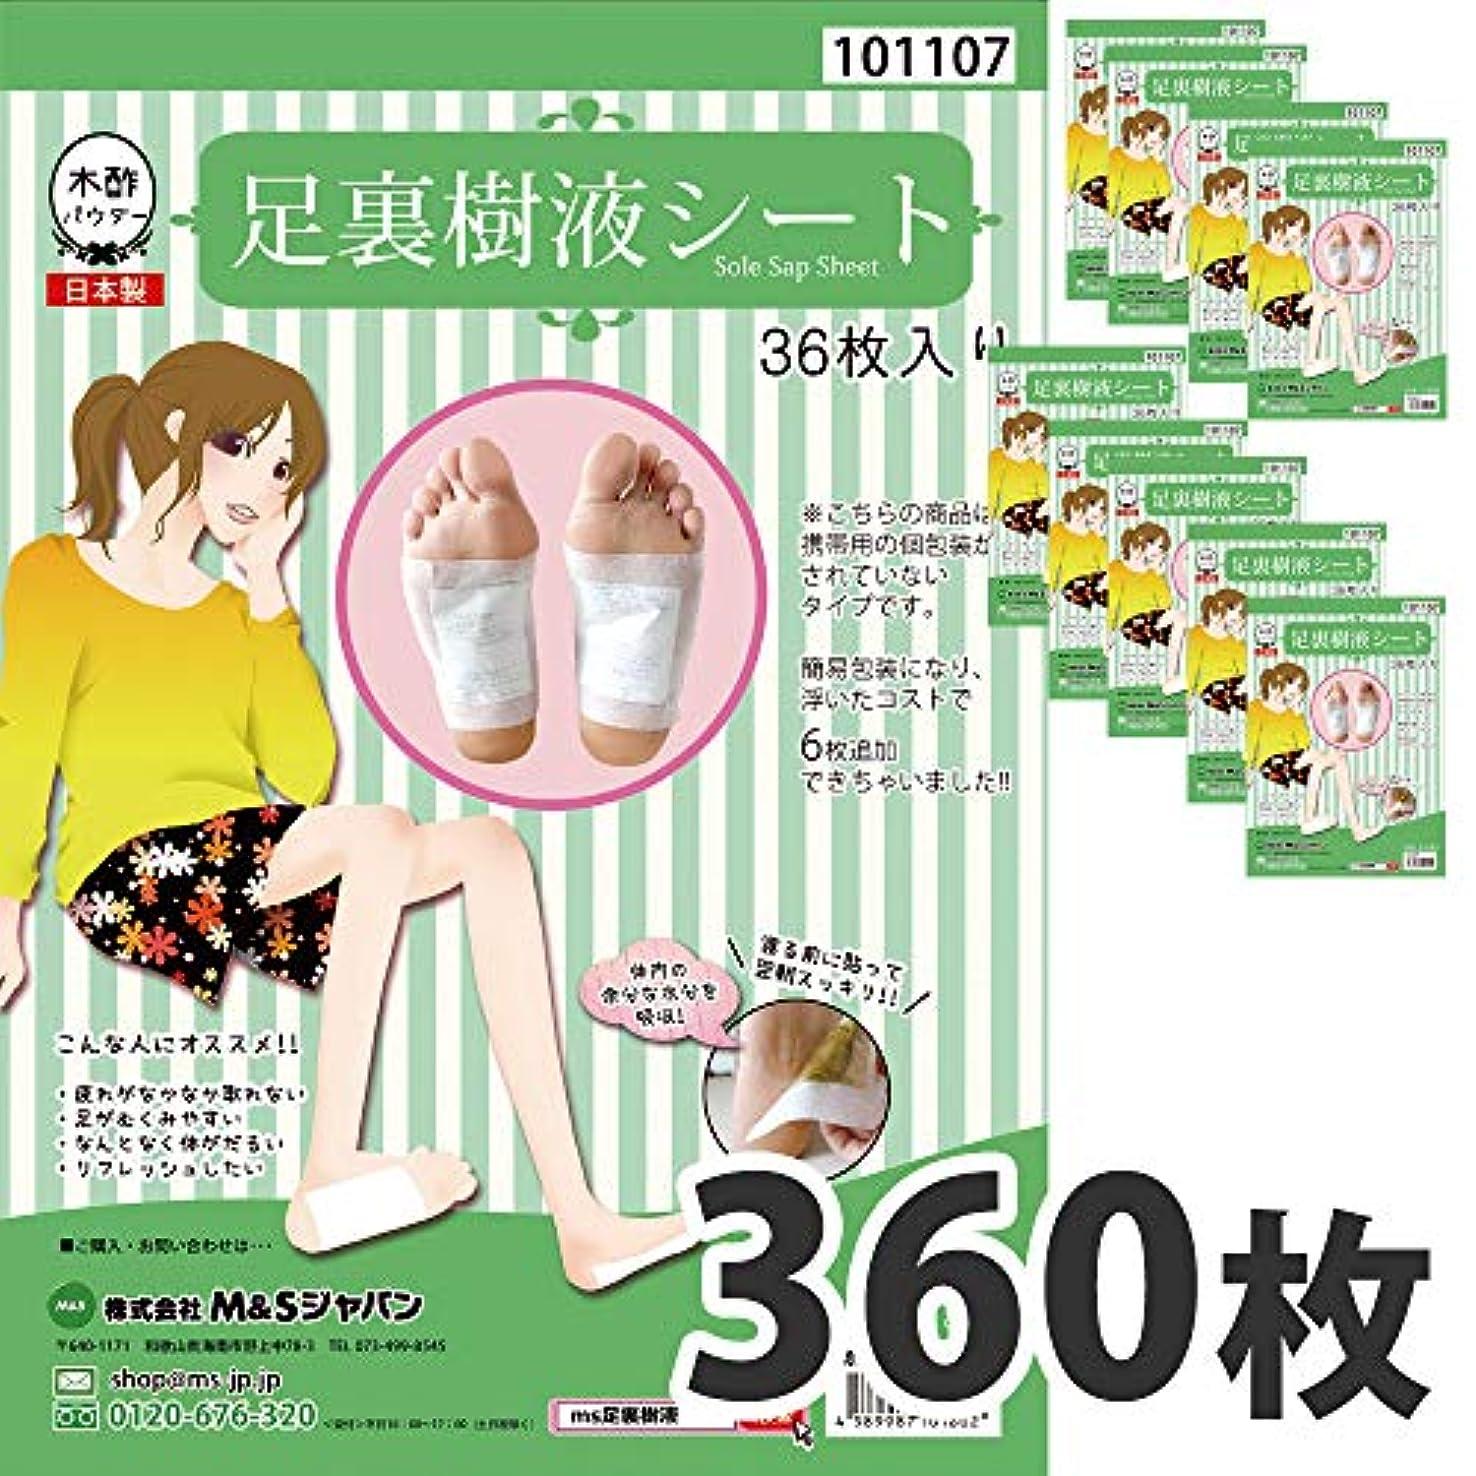 逮捕甘い合併症日本製 足裏樹液シート 足裏シート お得 人気 樹液シート 足裏 (360枚入り)